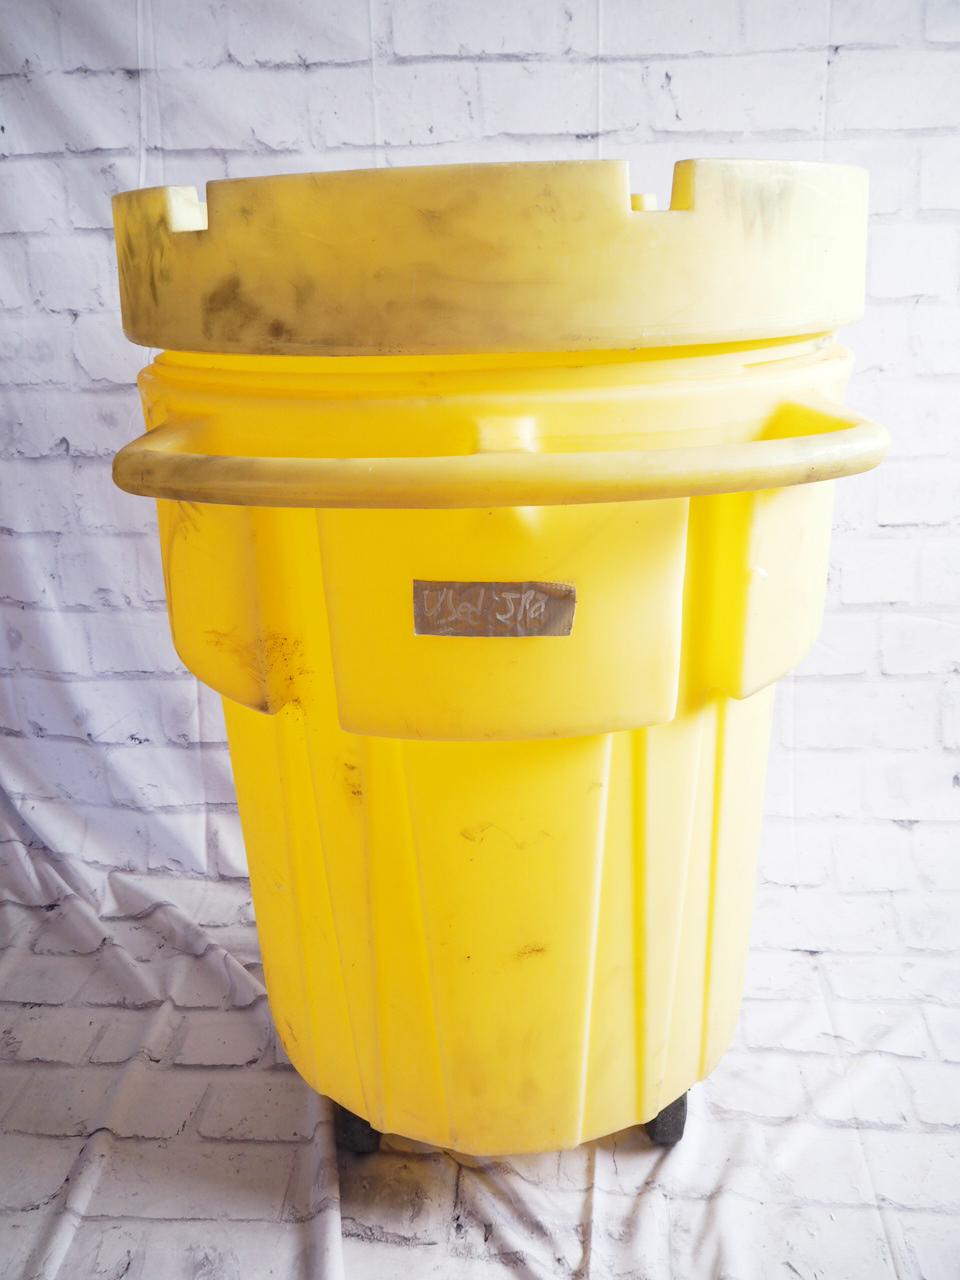 品番0112 ENPAC 1299-YE-A サルベージドラム プラスチック製 イエロー アメリカン ヴィンテージ 雑貨